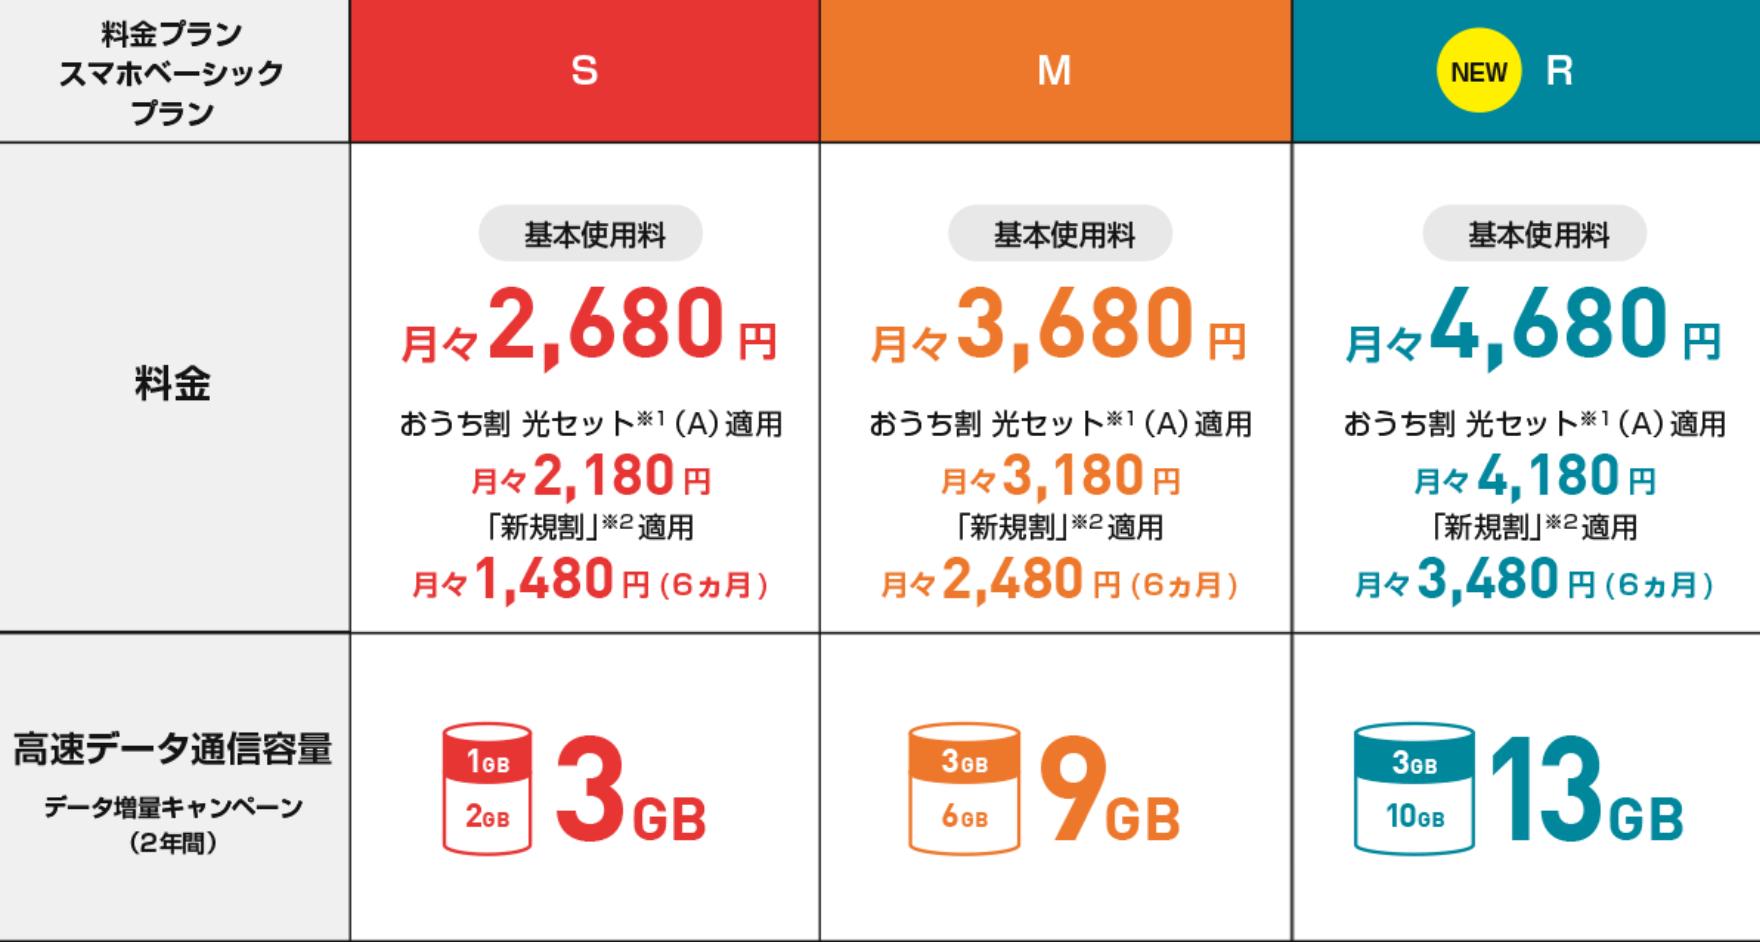 プラン y 料金 mobile 新